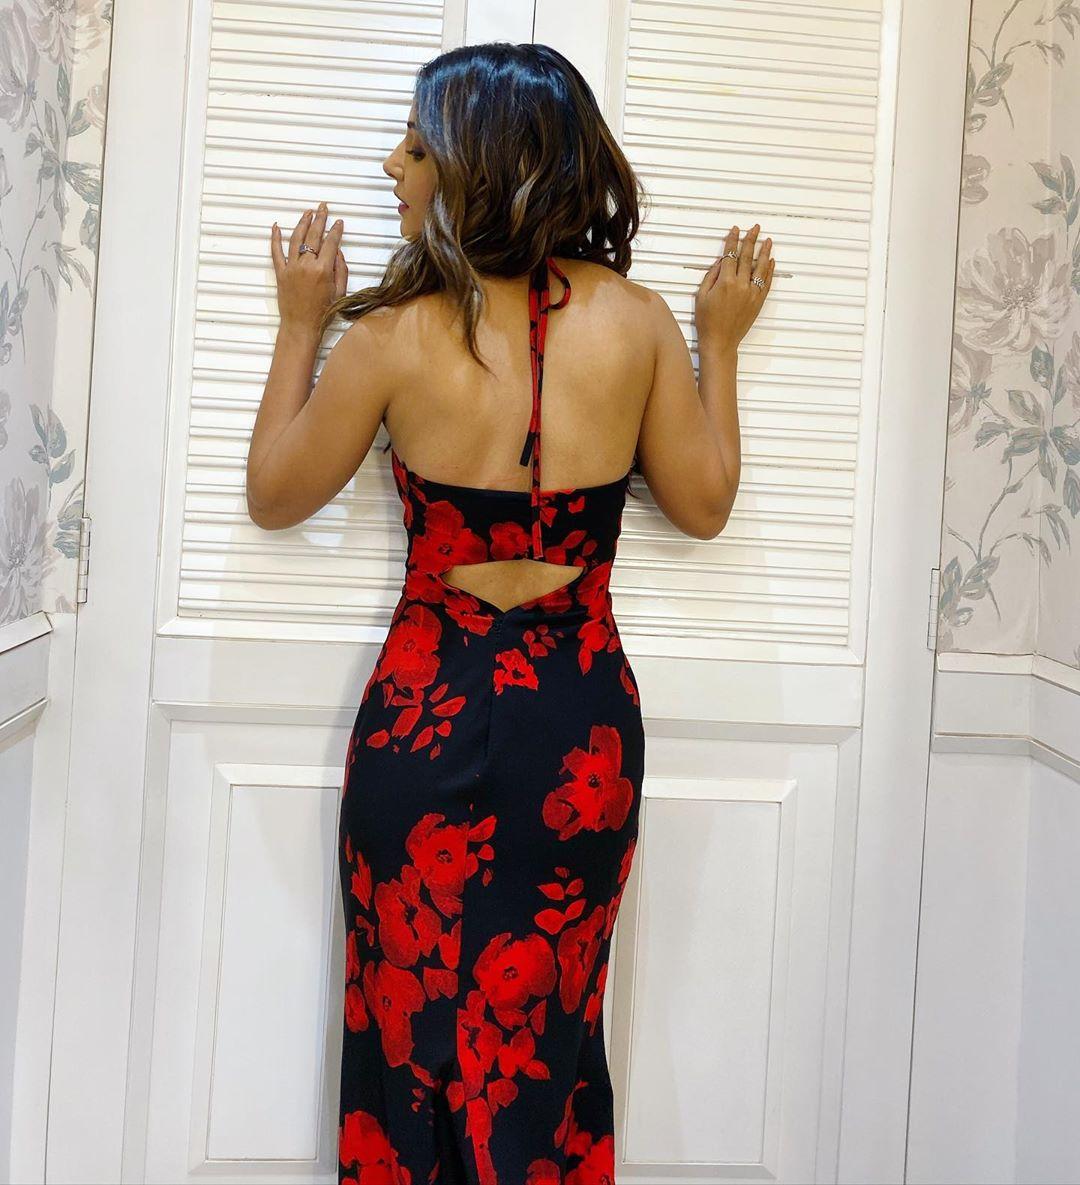 hina-khan-shares-killer-figure-in-floral-dress